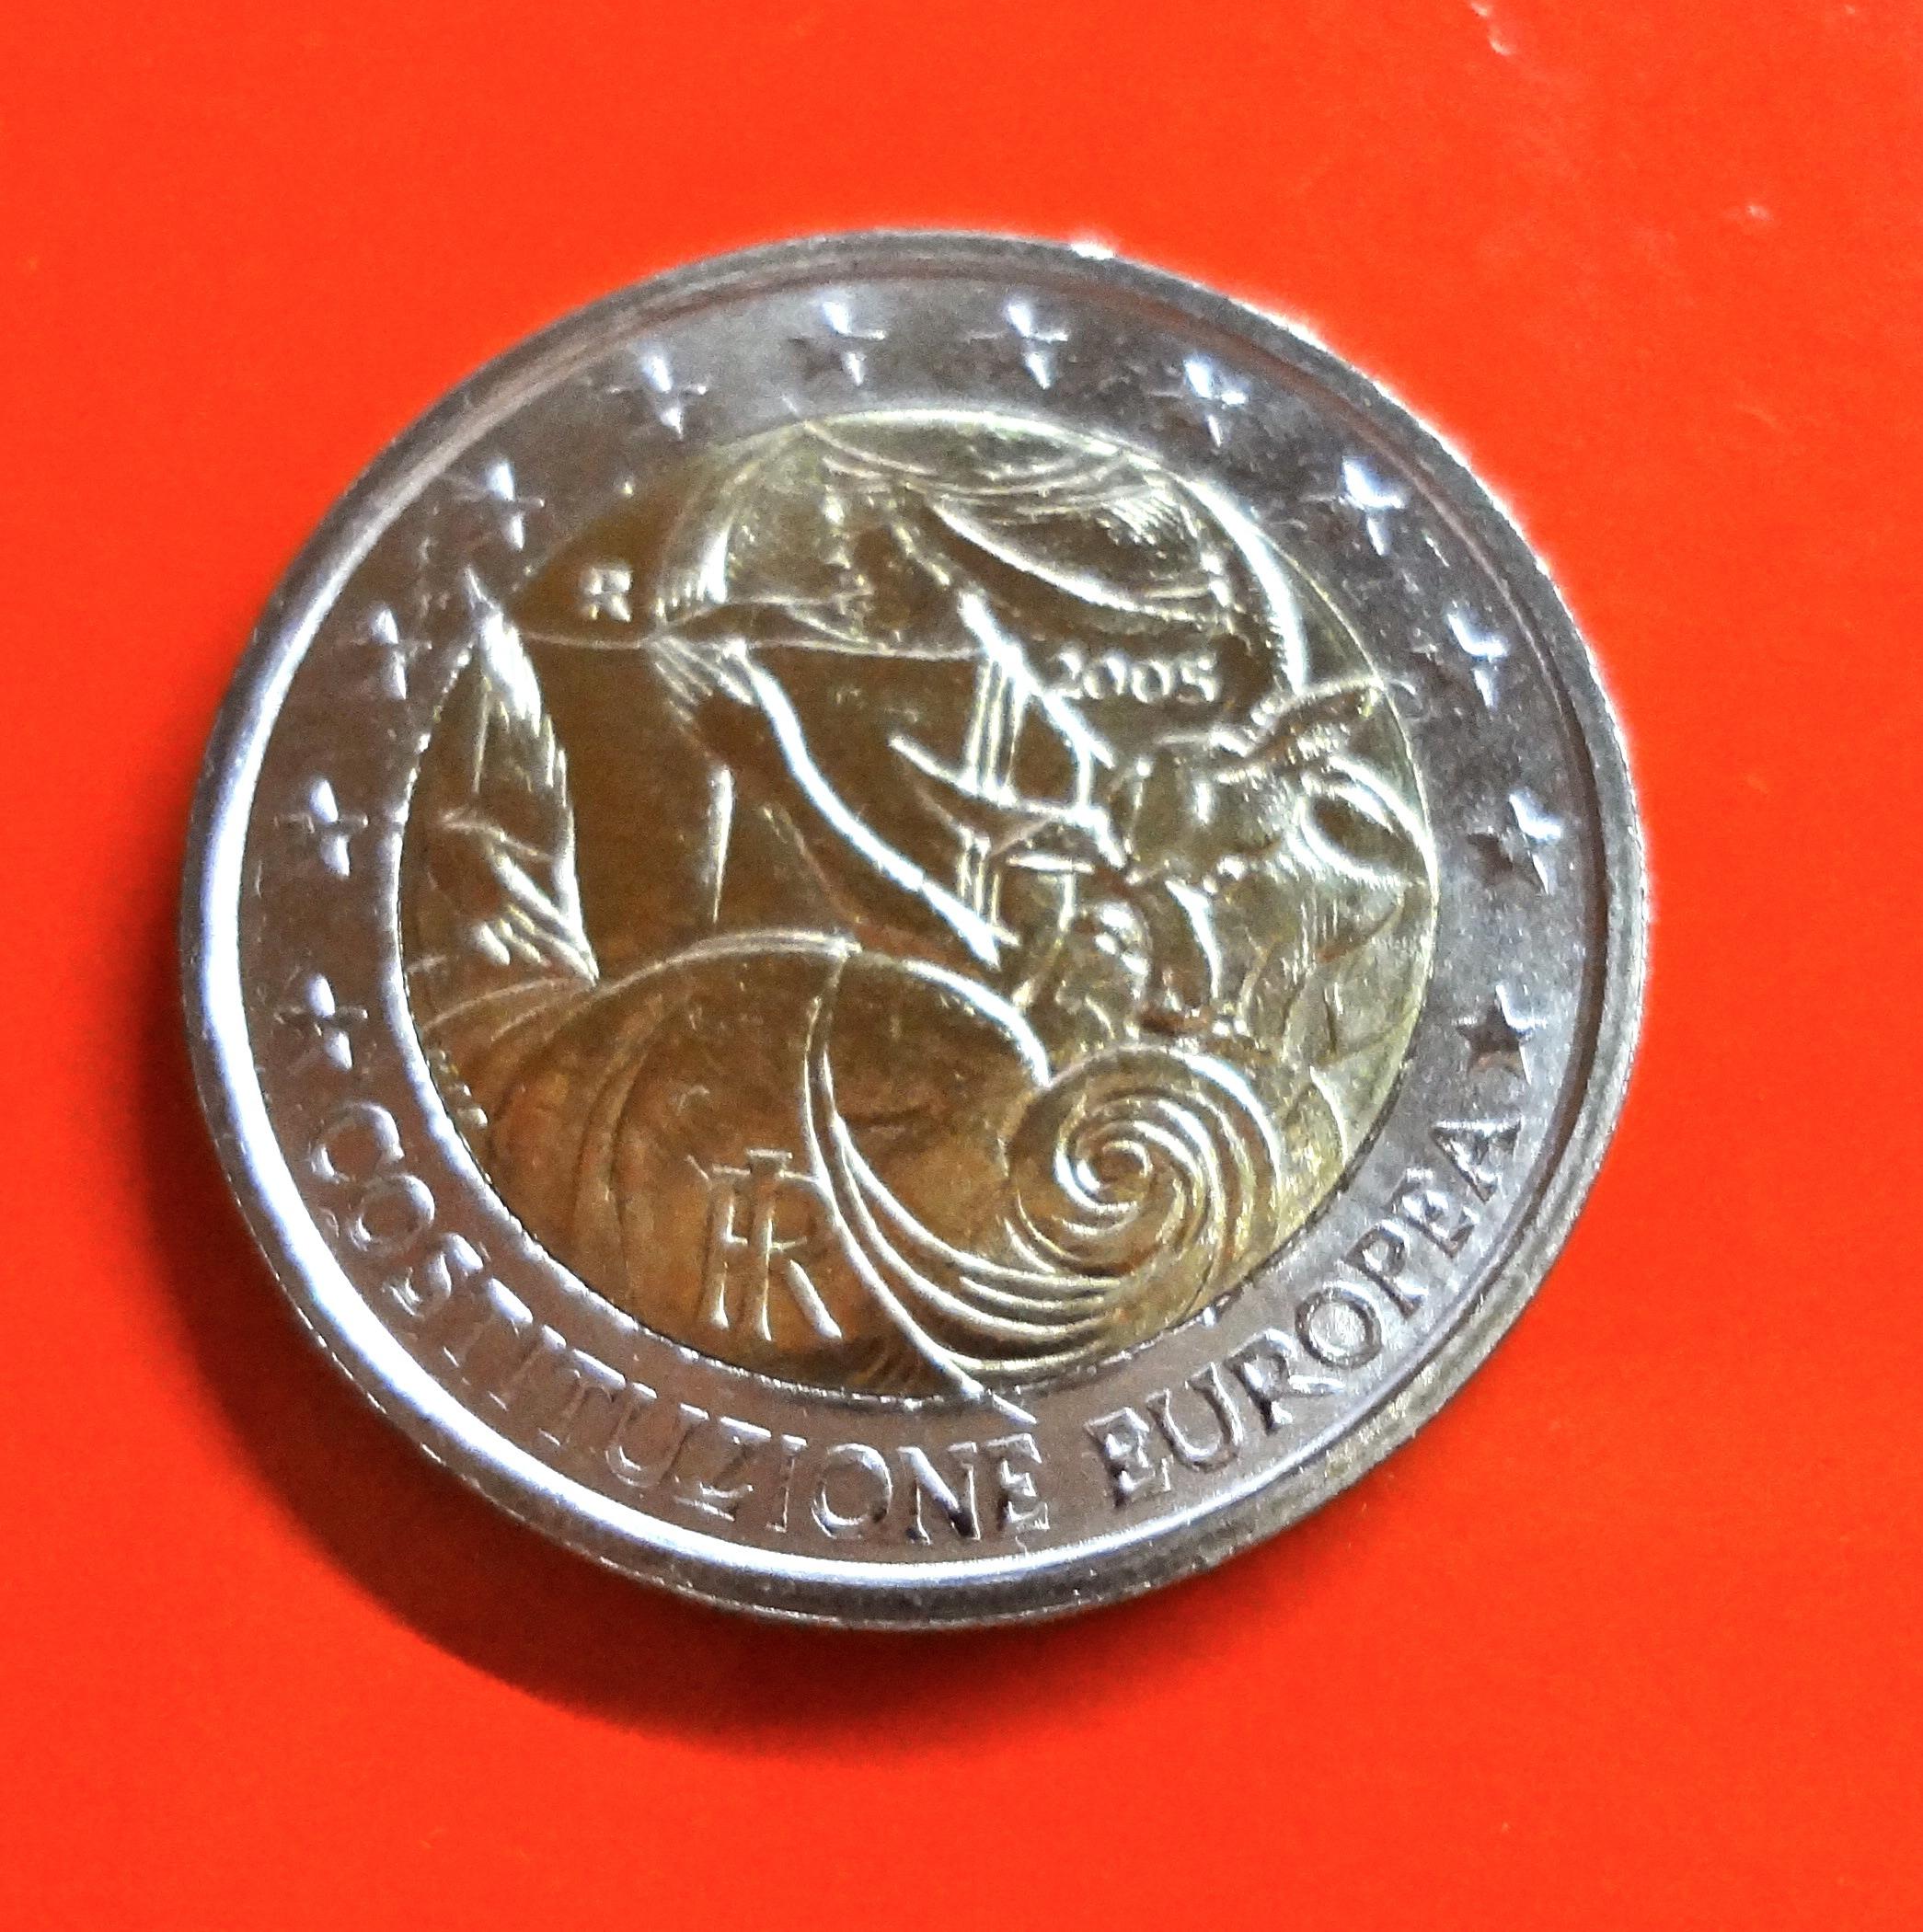 2 Euro Gedenkmünze Italien 2005 Eu Konstituzion Muenzhandel Kissercom